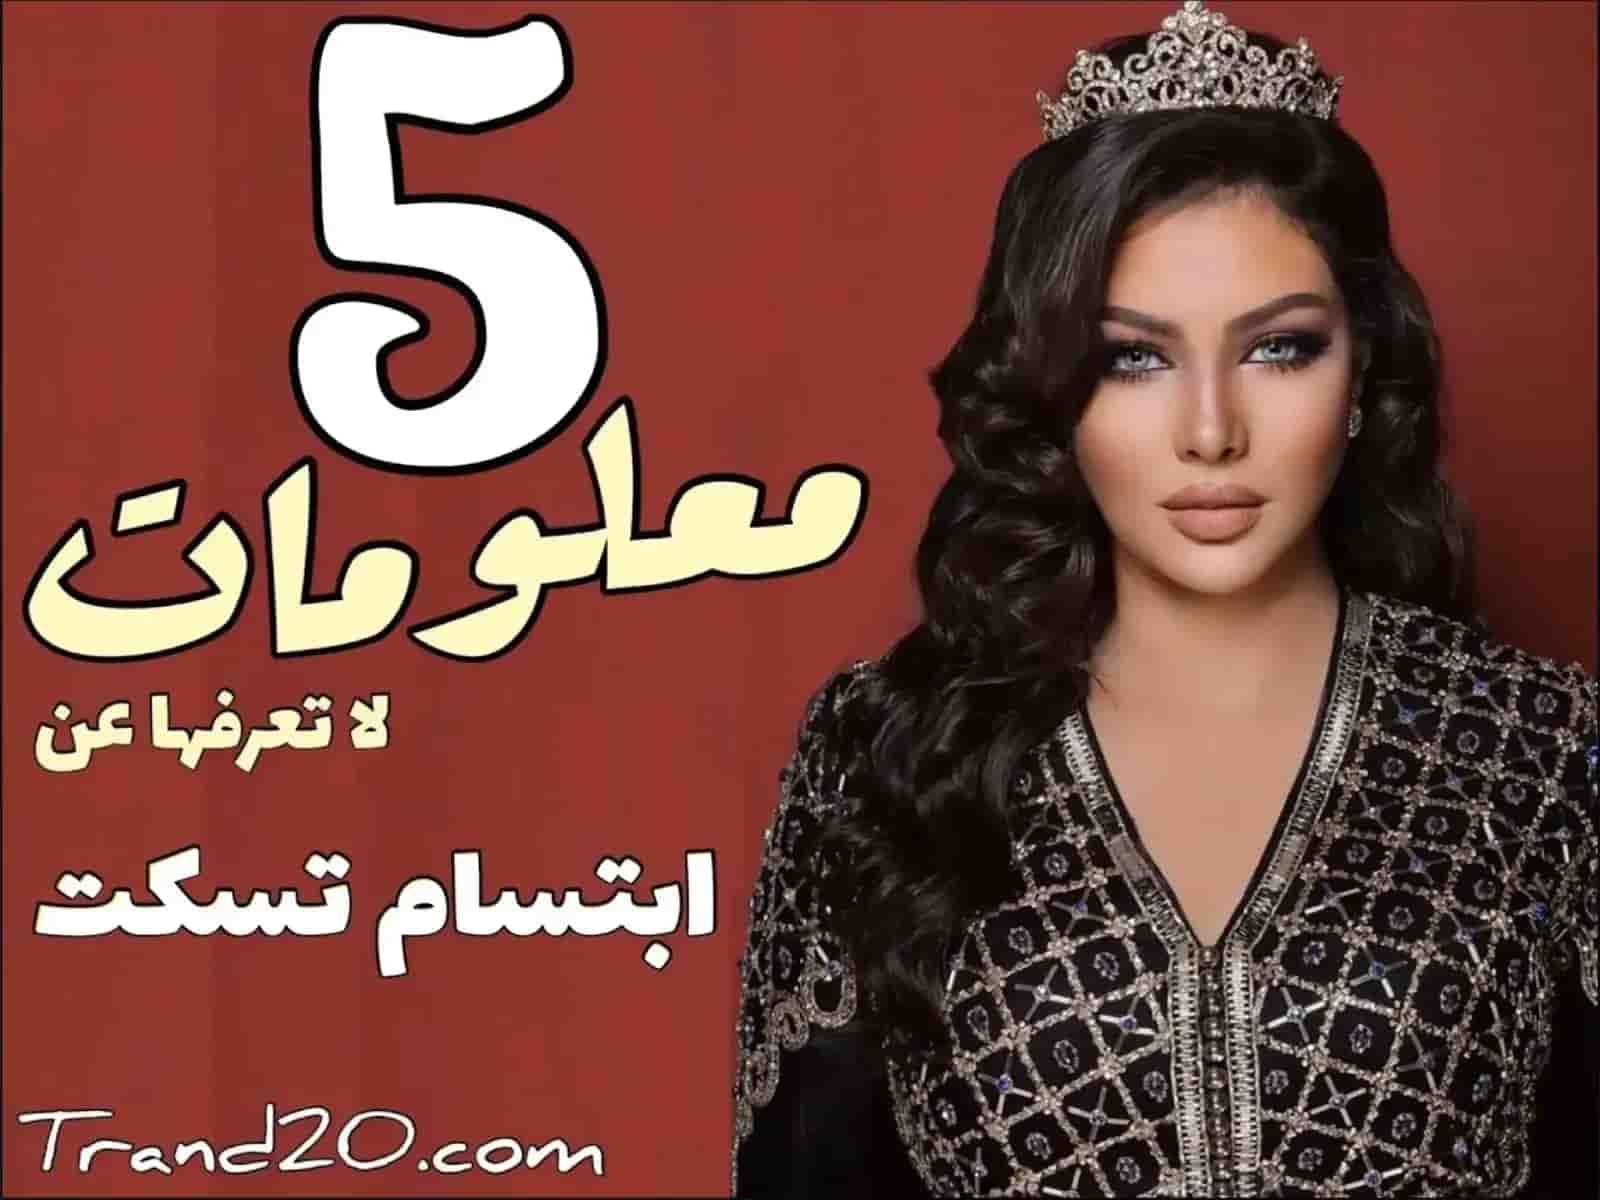 5 معلومات لا تعرفها عن الفنانة المغربية ابتسام تسكت